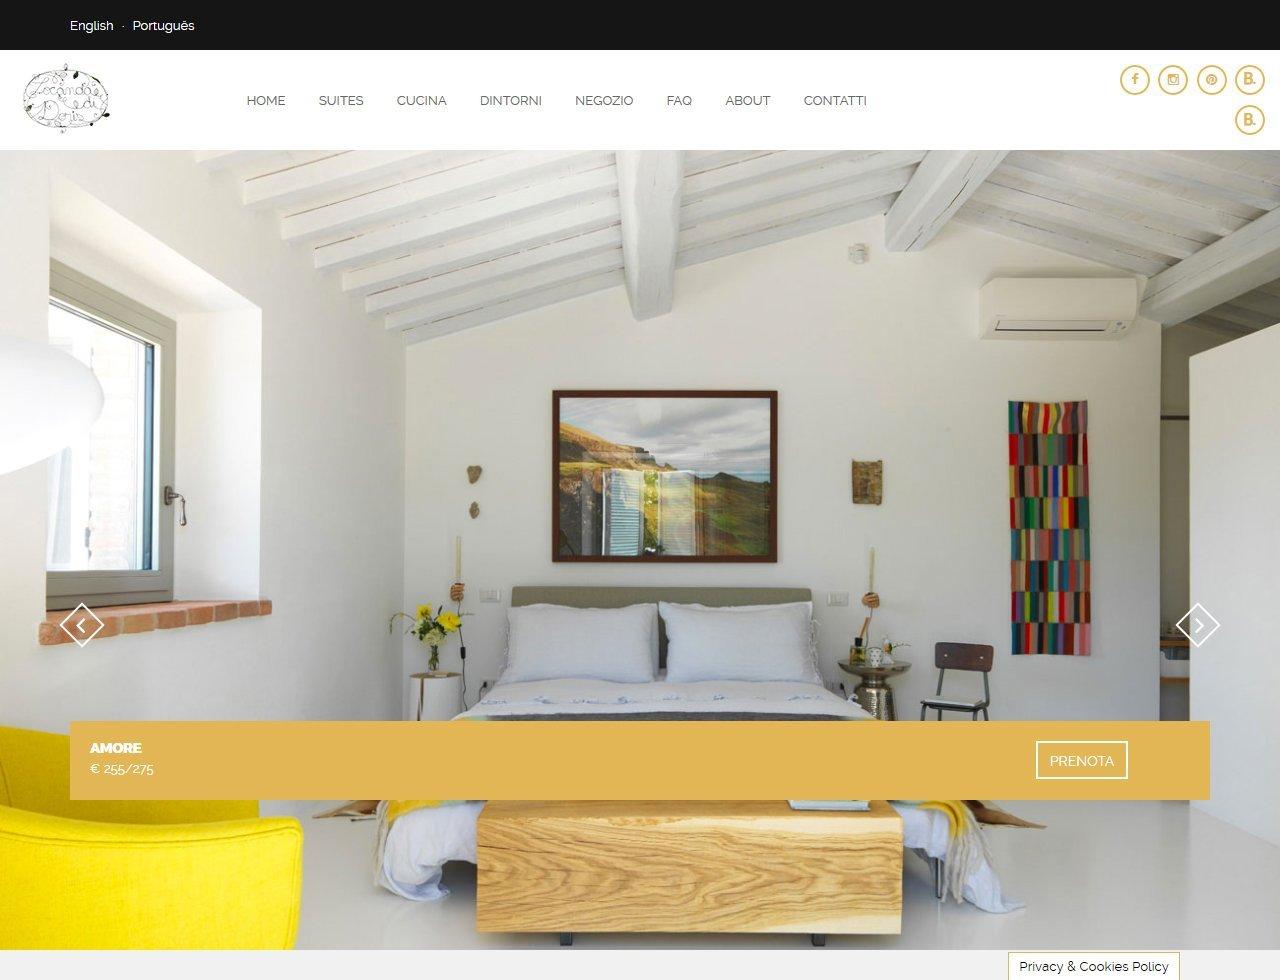 UpYourBrand - Sviluppo Sito Web - Locanda di Doris - Suite